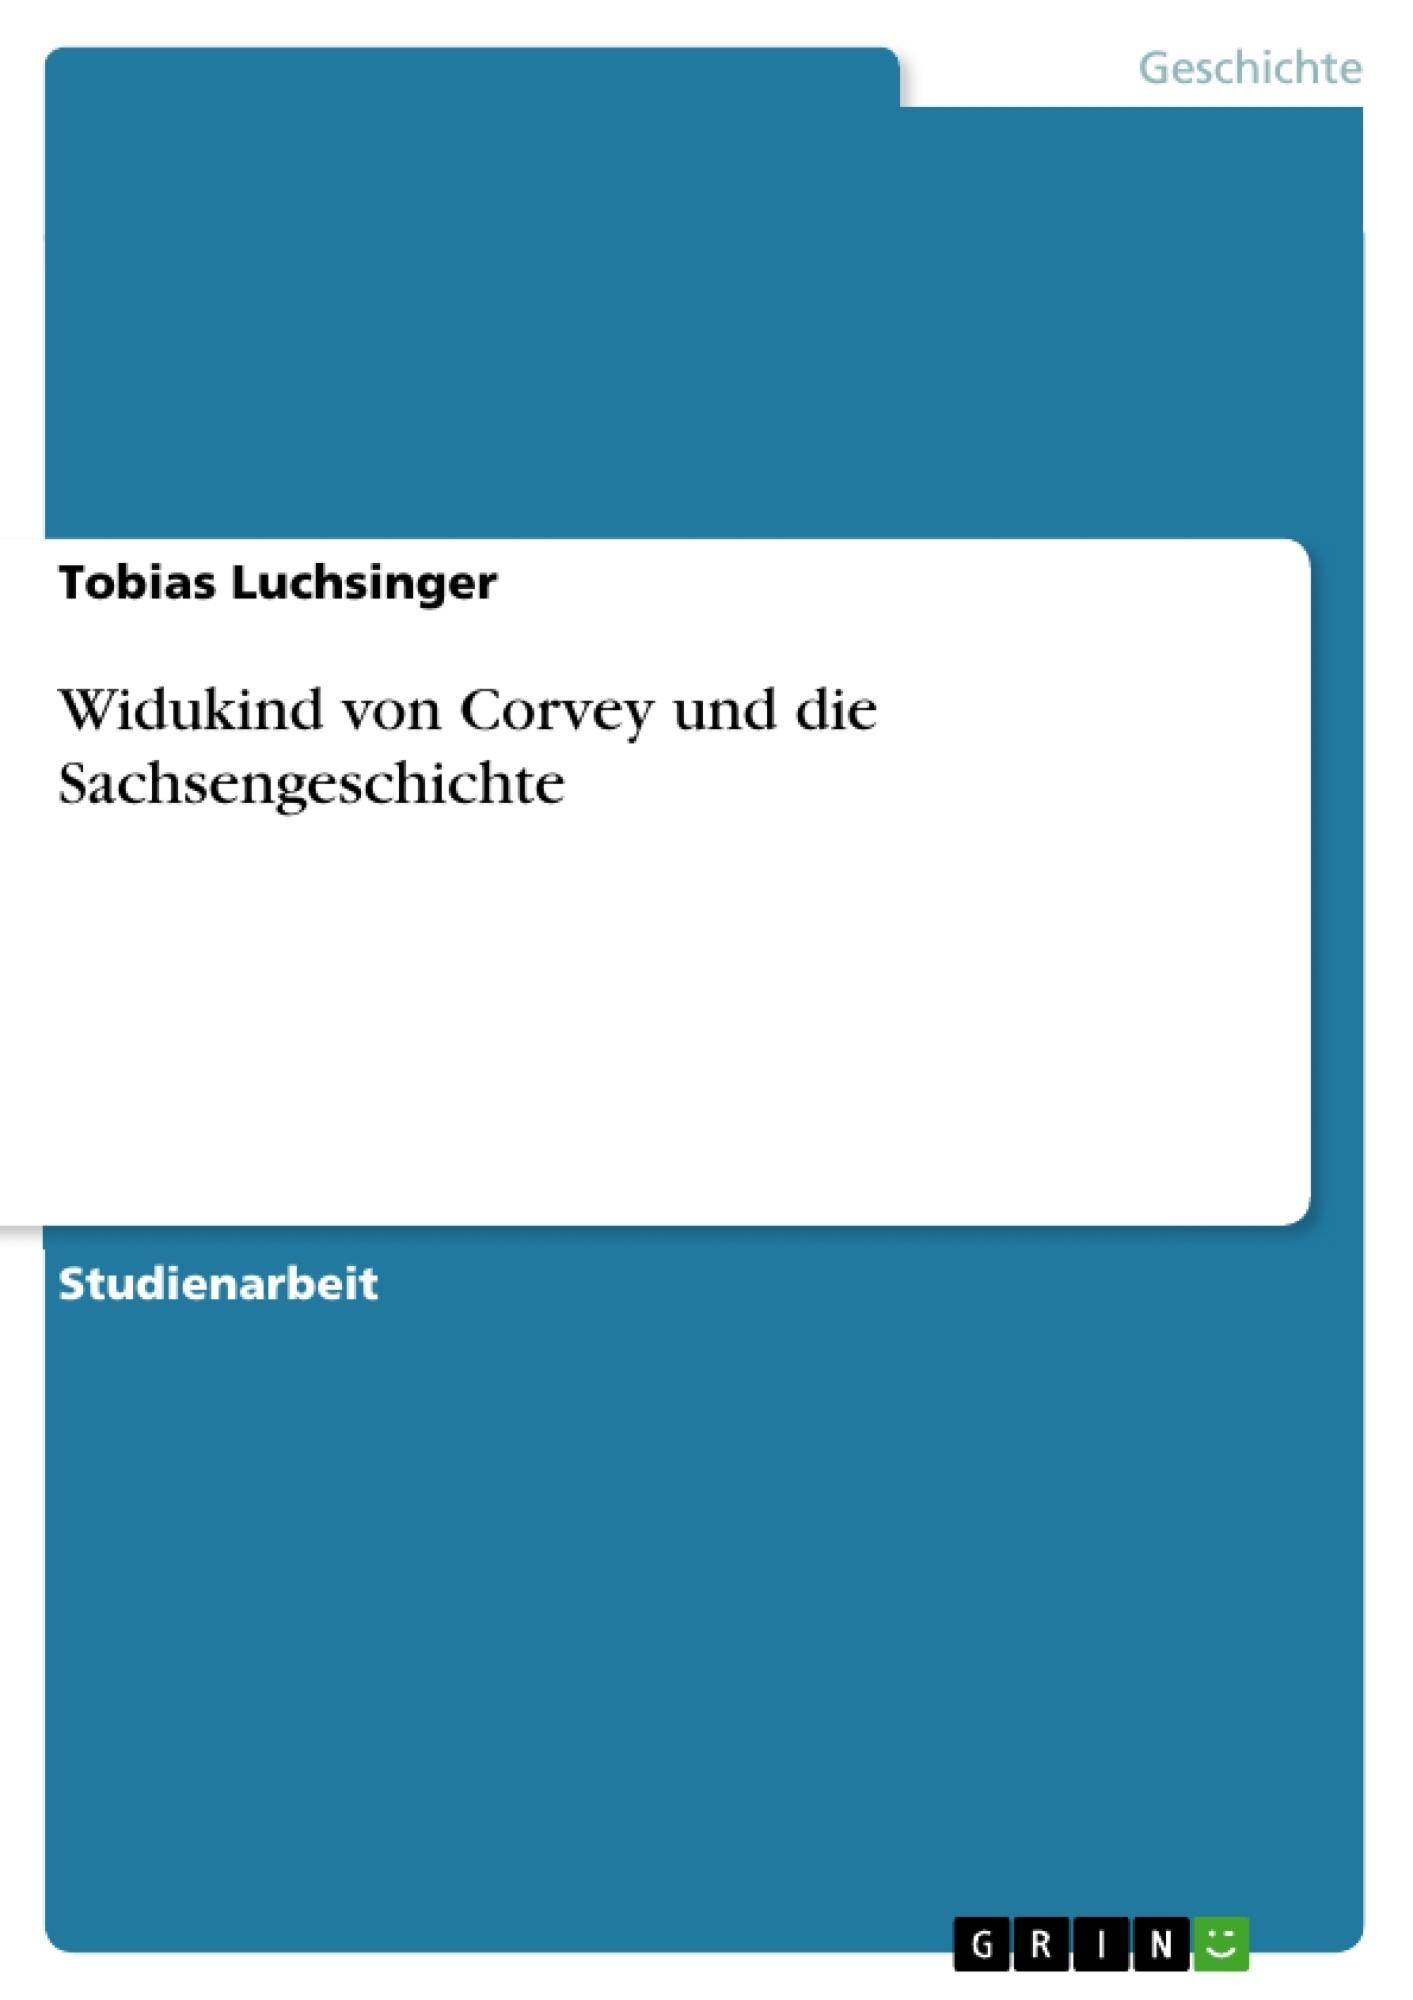 Titel: Widukind von Corvey und die Sachsengeschichte